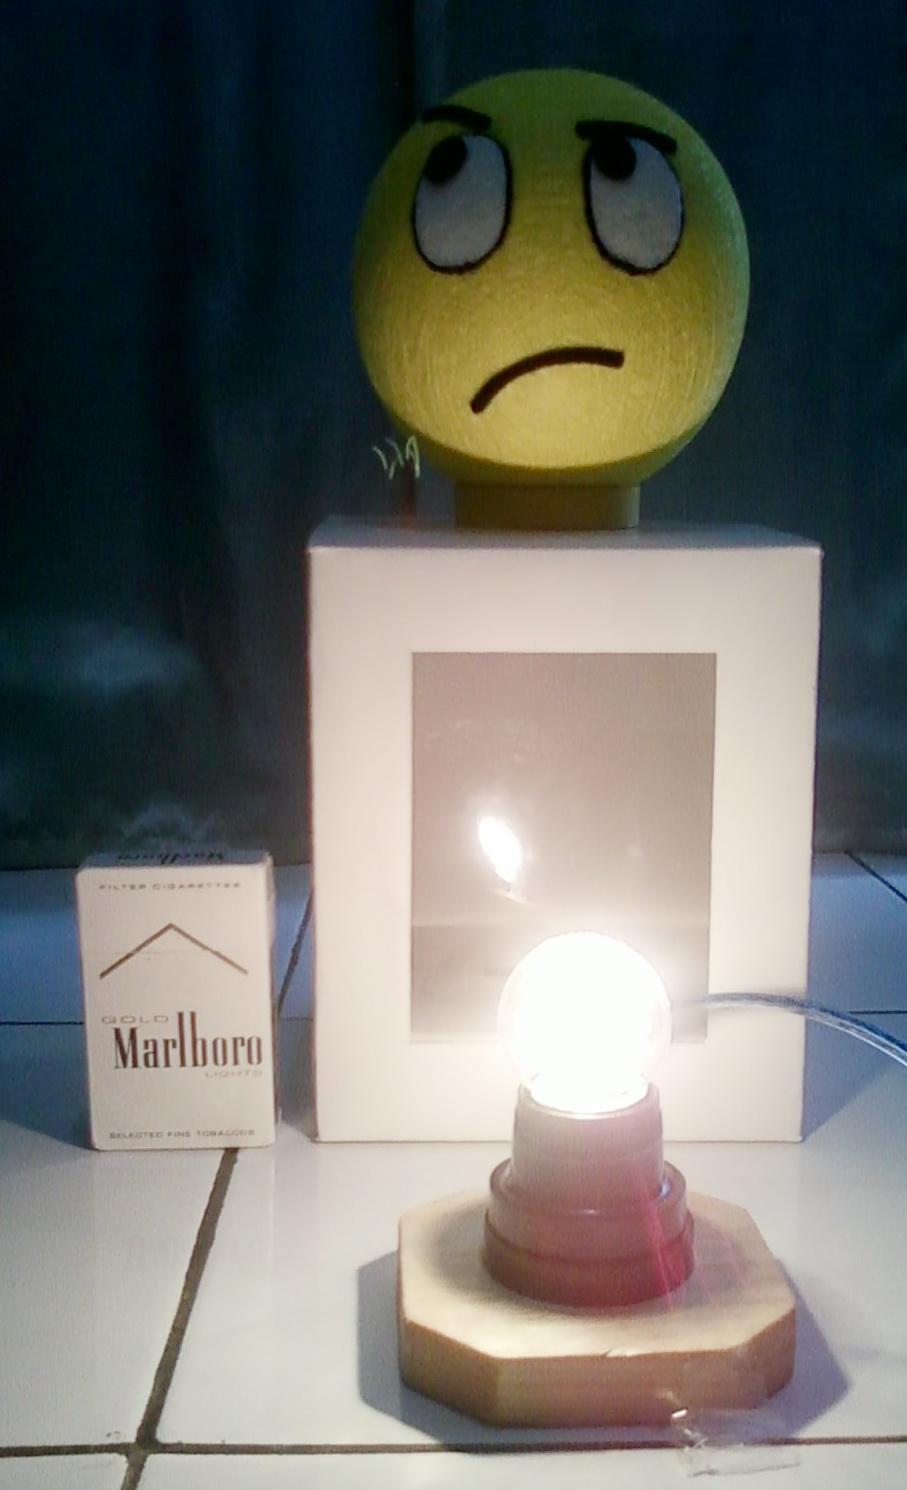 ... lampu hias, silahkan melihat di: Macam Ragam Lampu Hias dari Benang